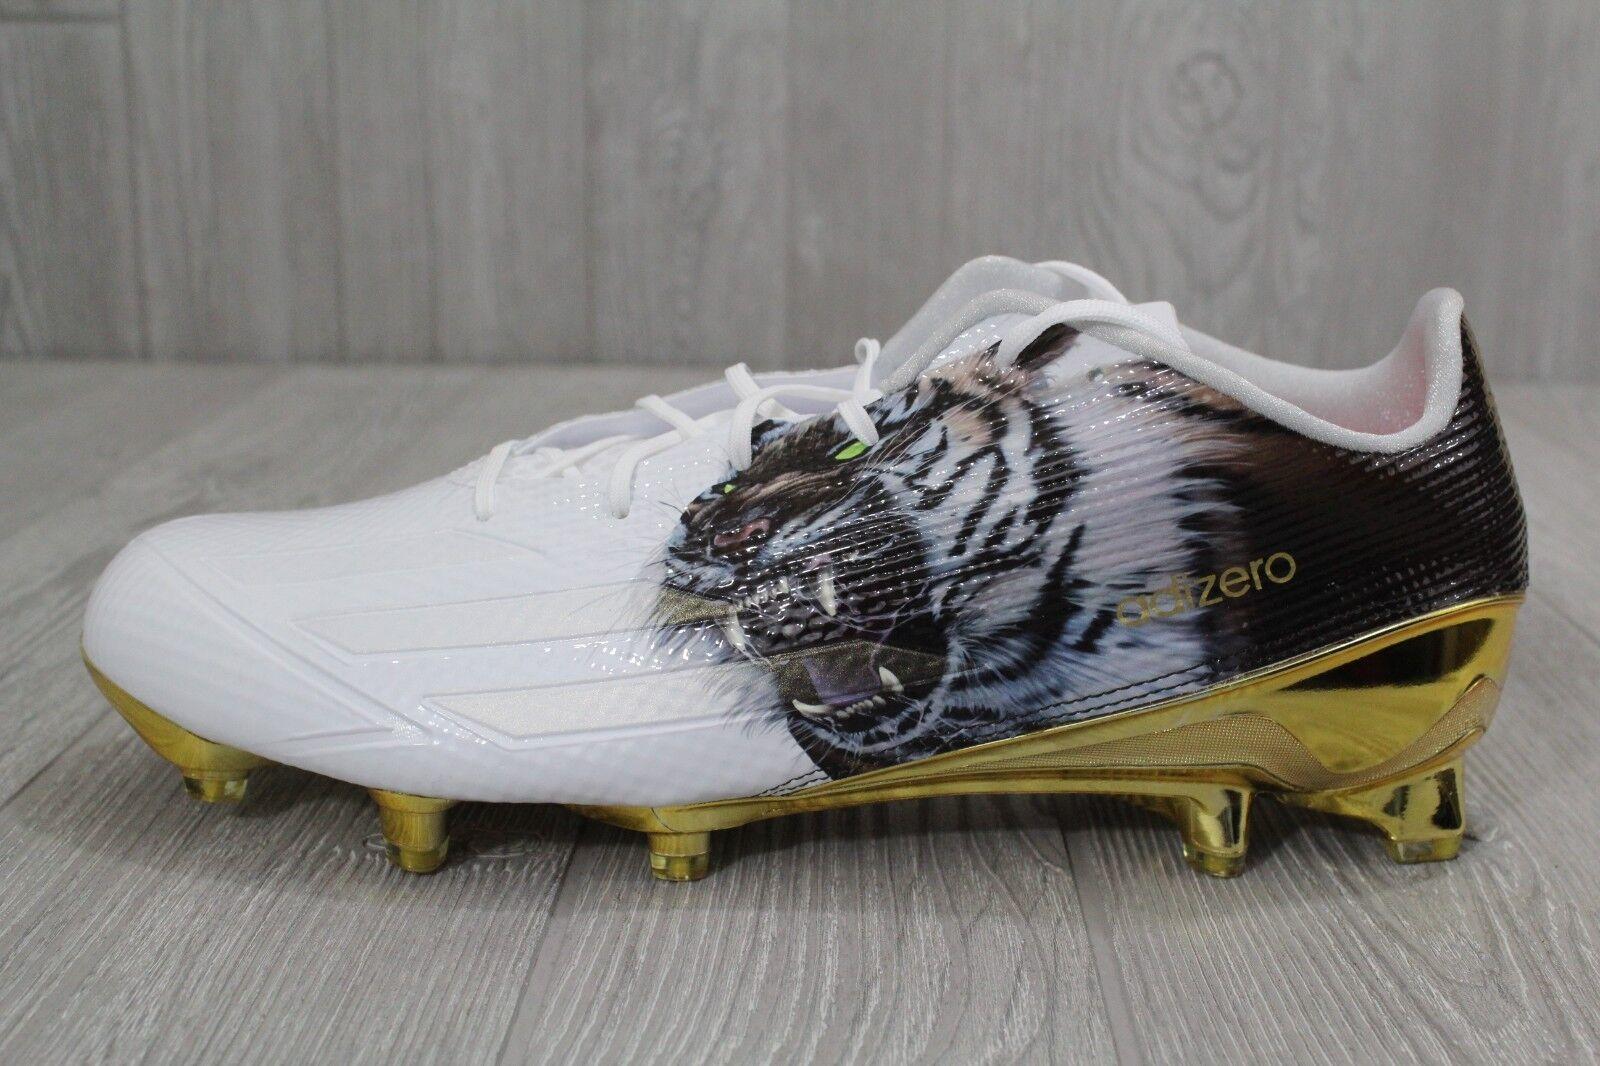 25 nuove adidas uomini liberi adizero tigre aq7810 5 9-12.5 calcio calcio a 5 aq7810 stelle 6ab609